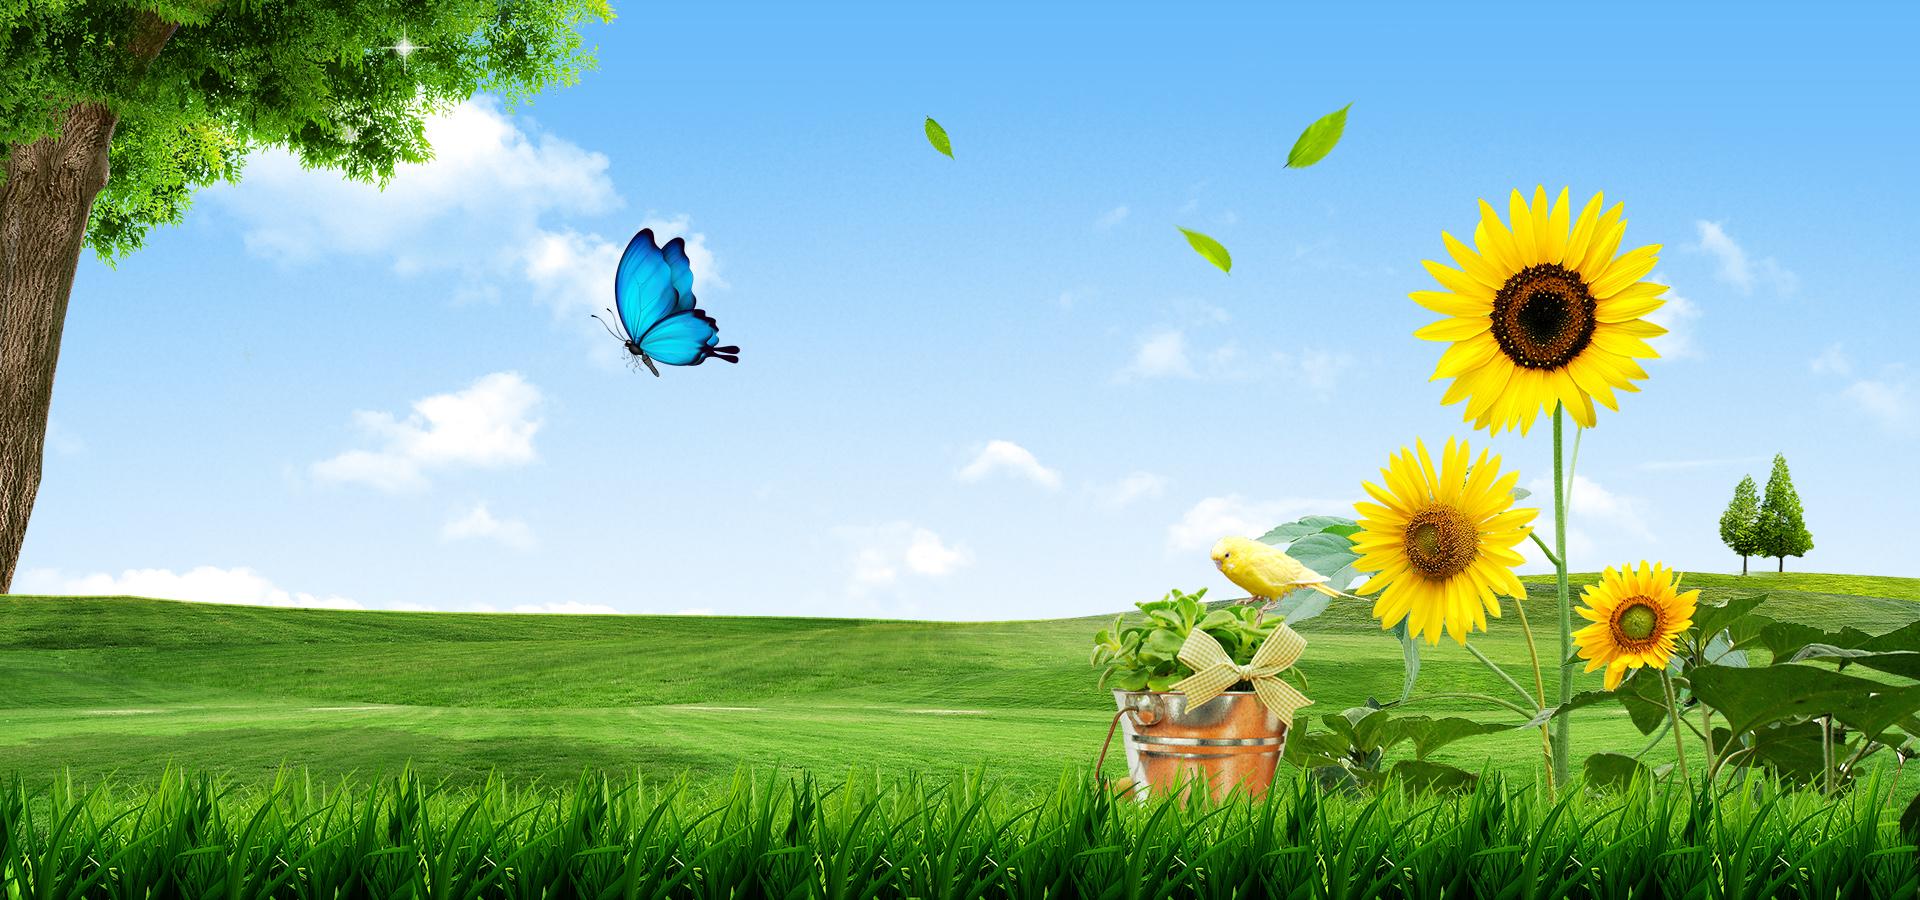 Girasole Desktop Gli Alberi La Farfalla Semi Di Girasole Immagine Di